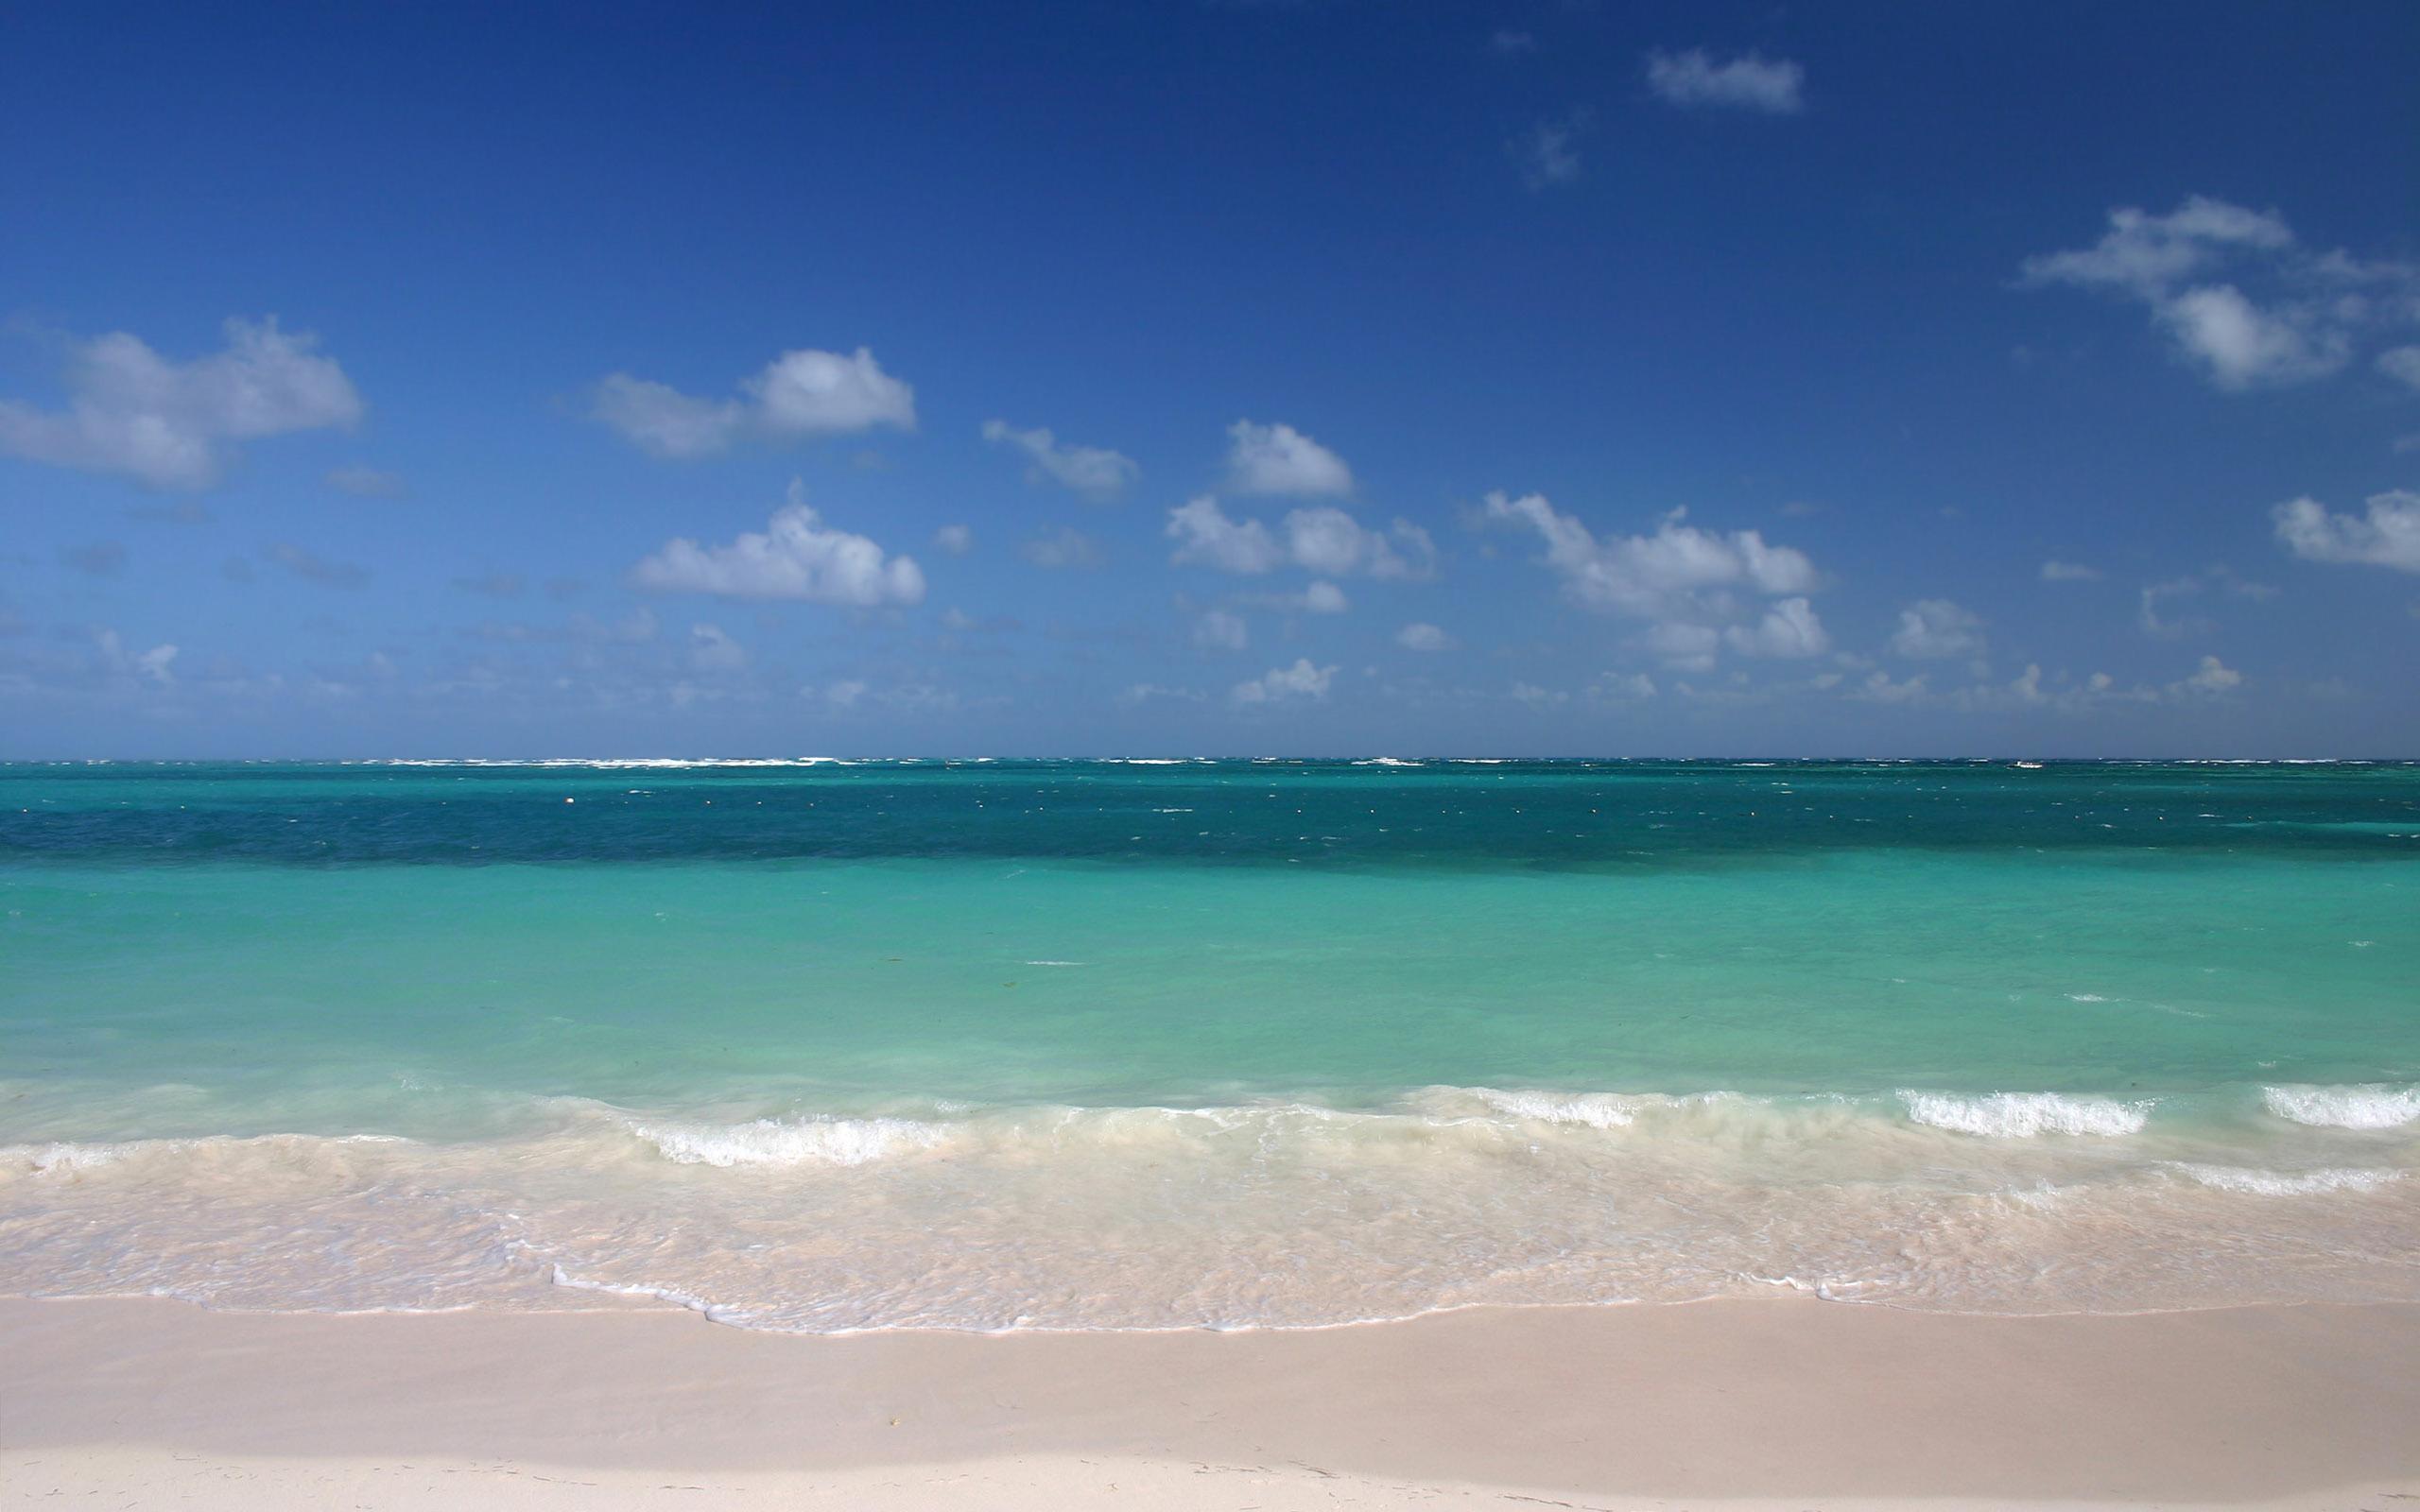 Playa azul - 2560x1600